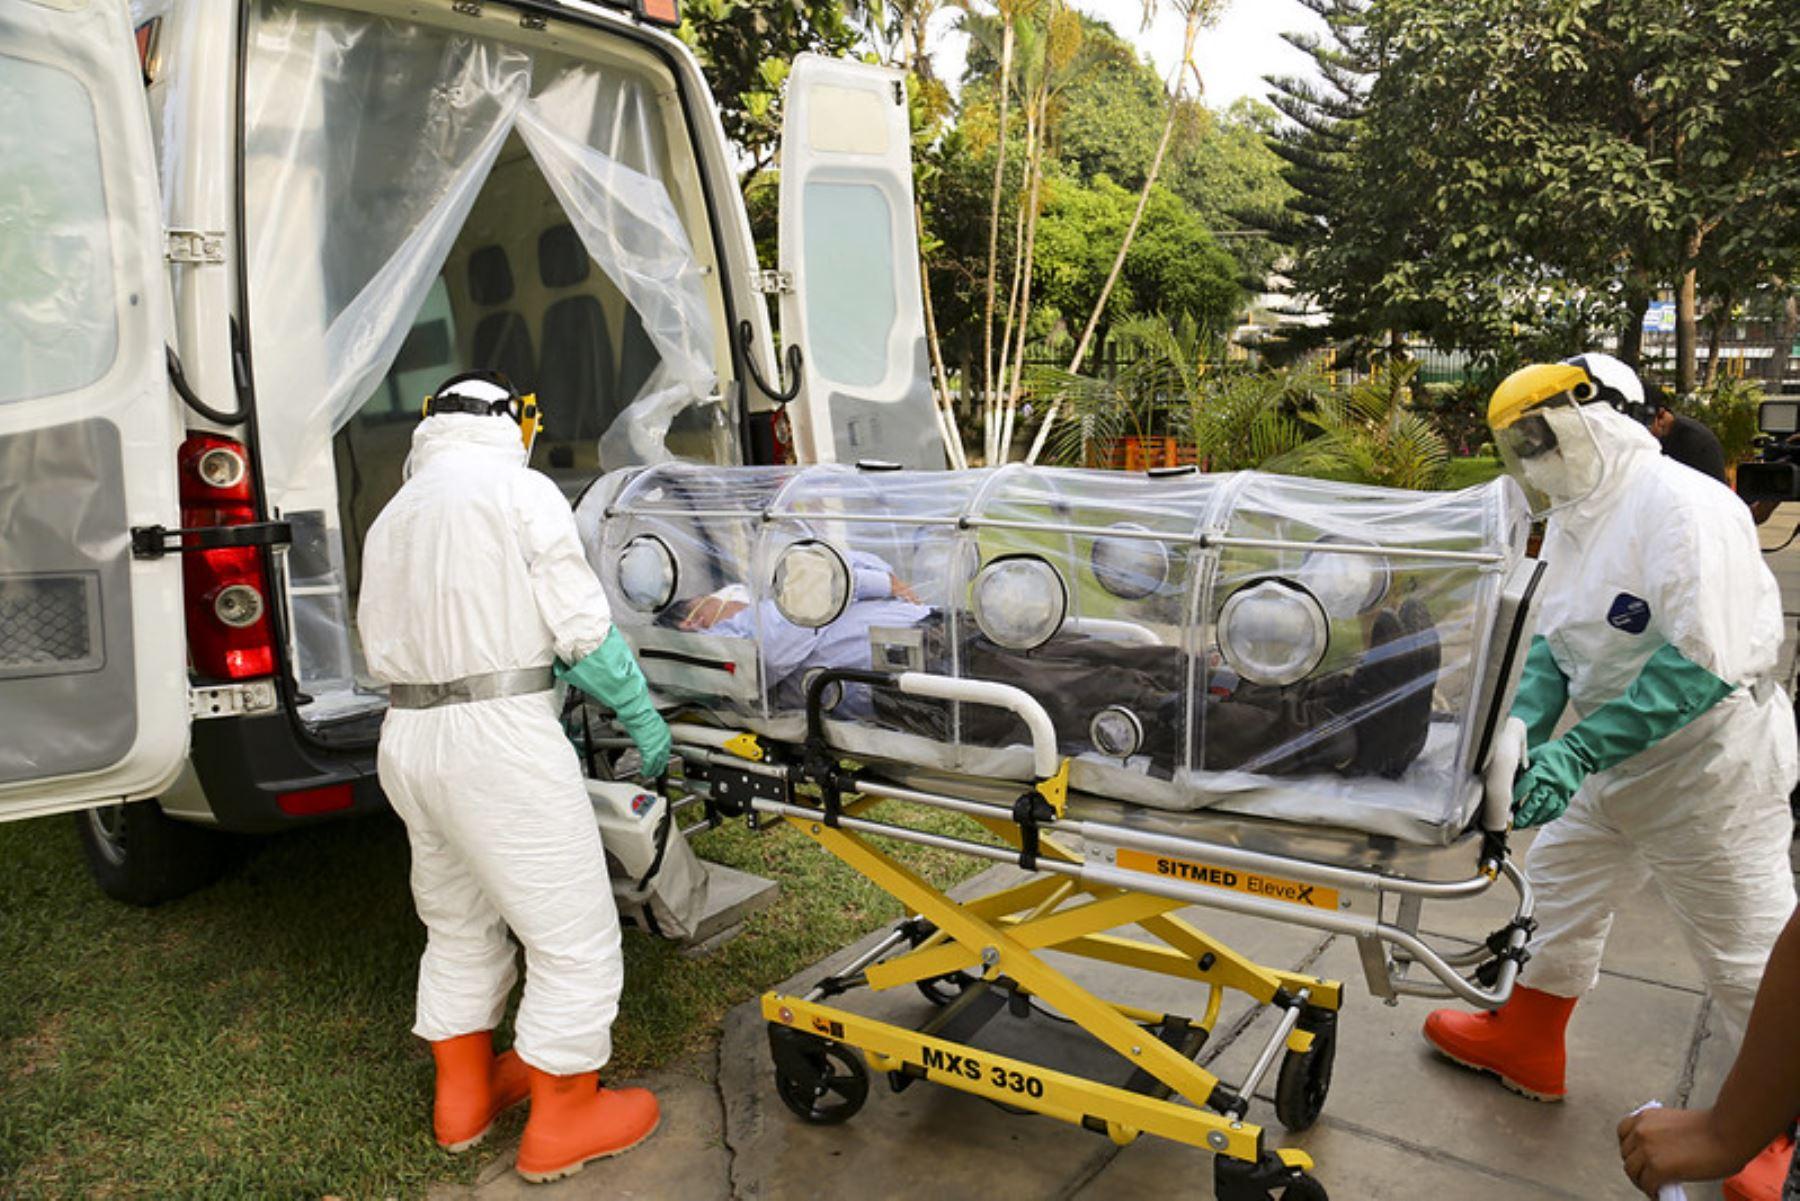 Nivel de bioseguridad de las ambulancias es superior a las normas establecidas de lo que requiere el COVID-19.Foto: Minsa